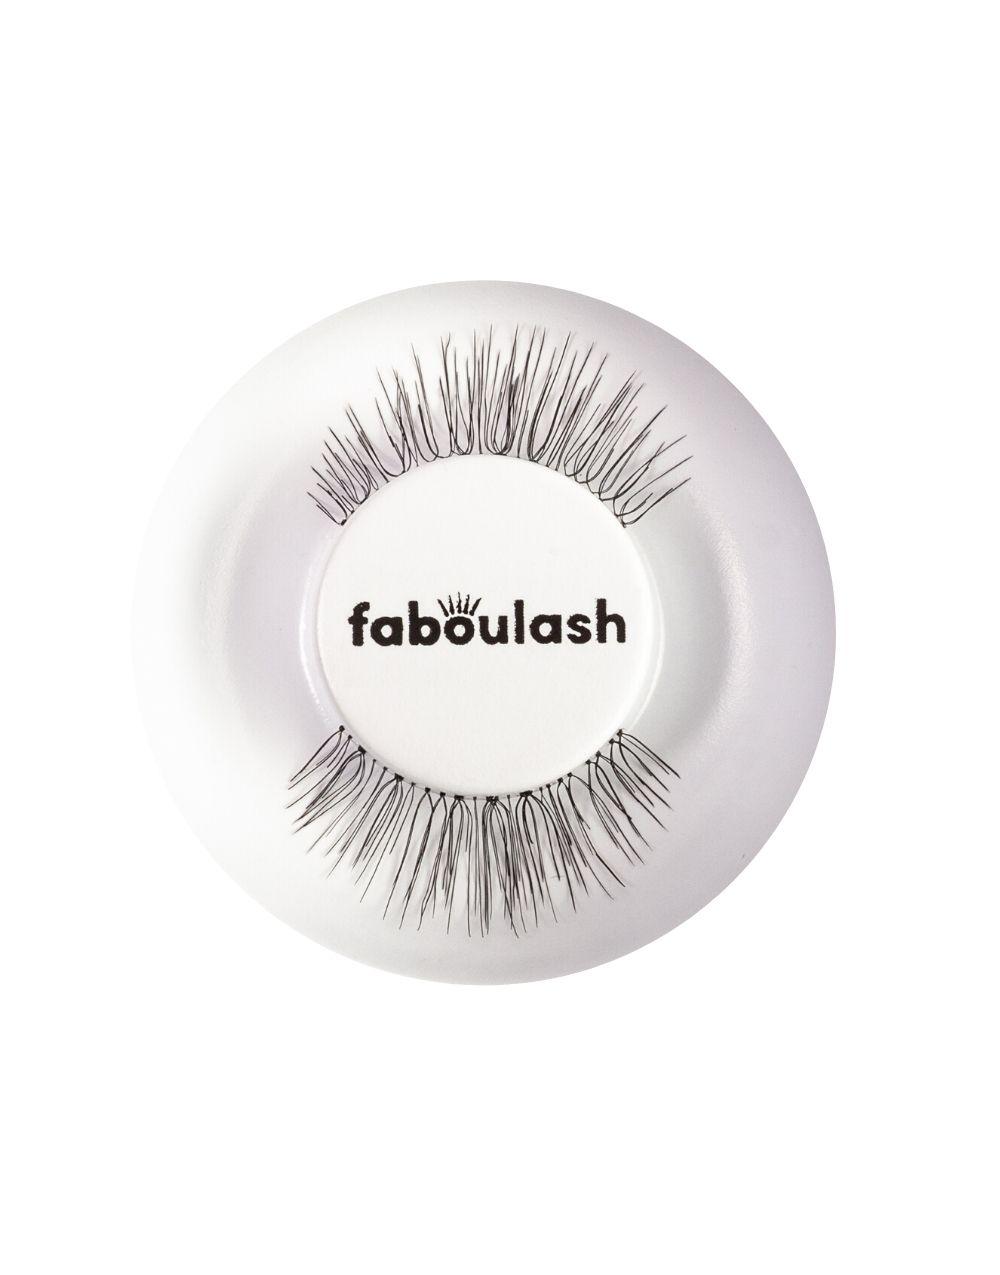 Faboulash 202M by Faboulash